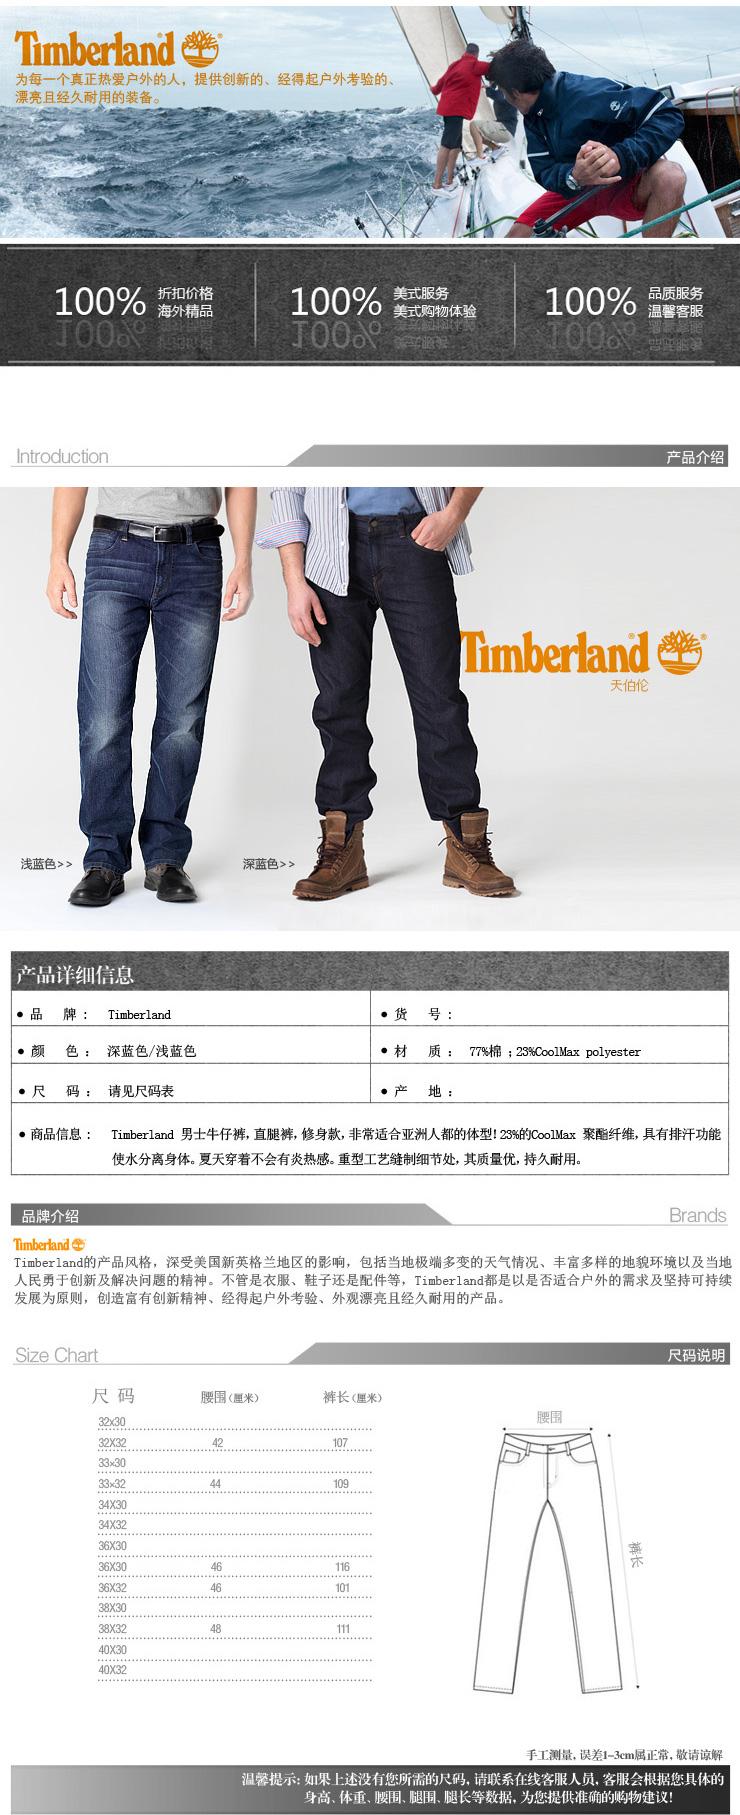 裤子 > timberland/天木兰/天